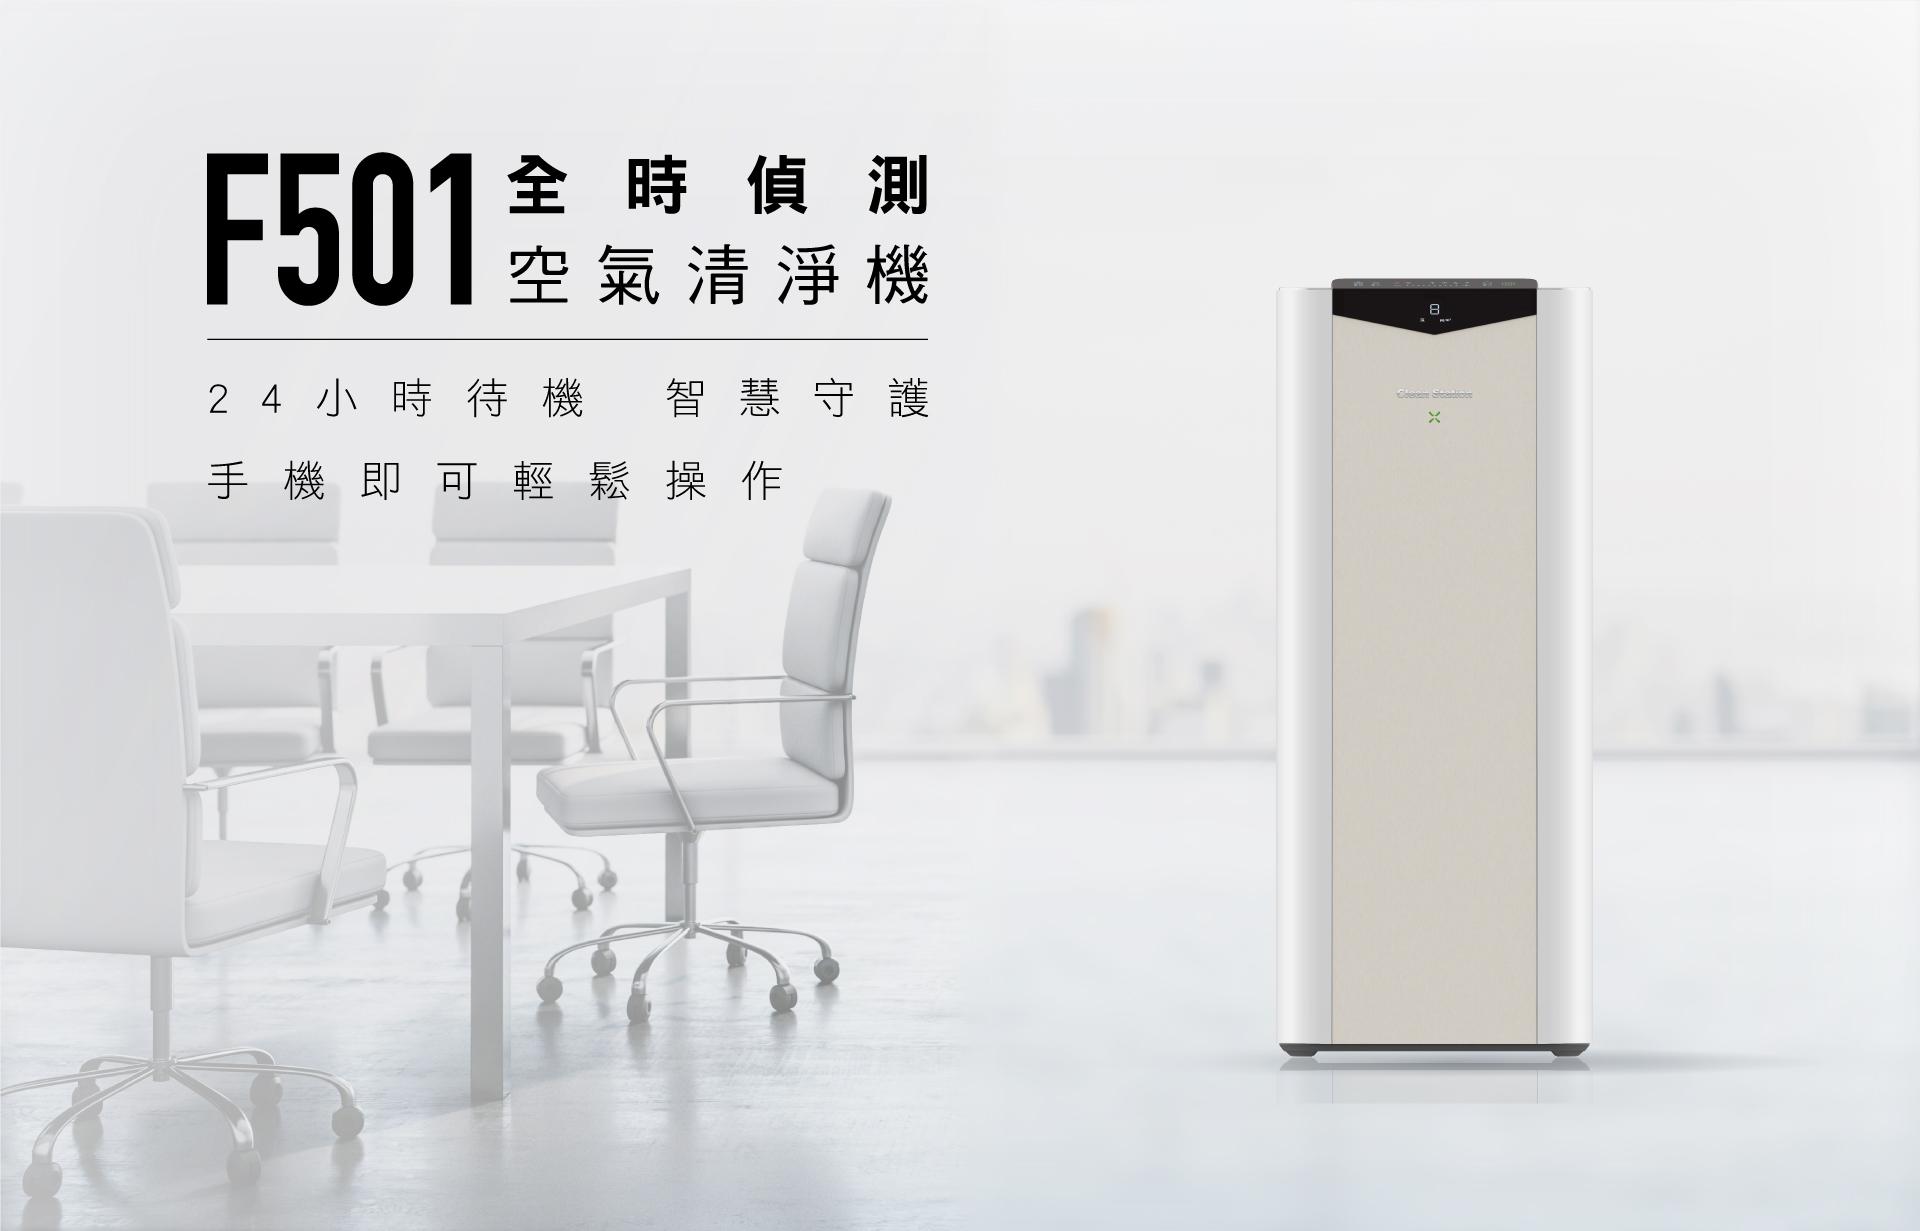 商用方案_F501克立淨商用空氣清淨機_01